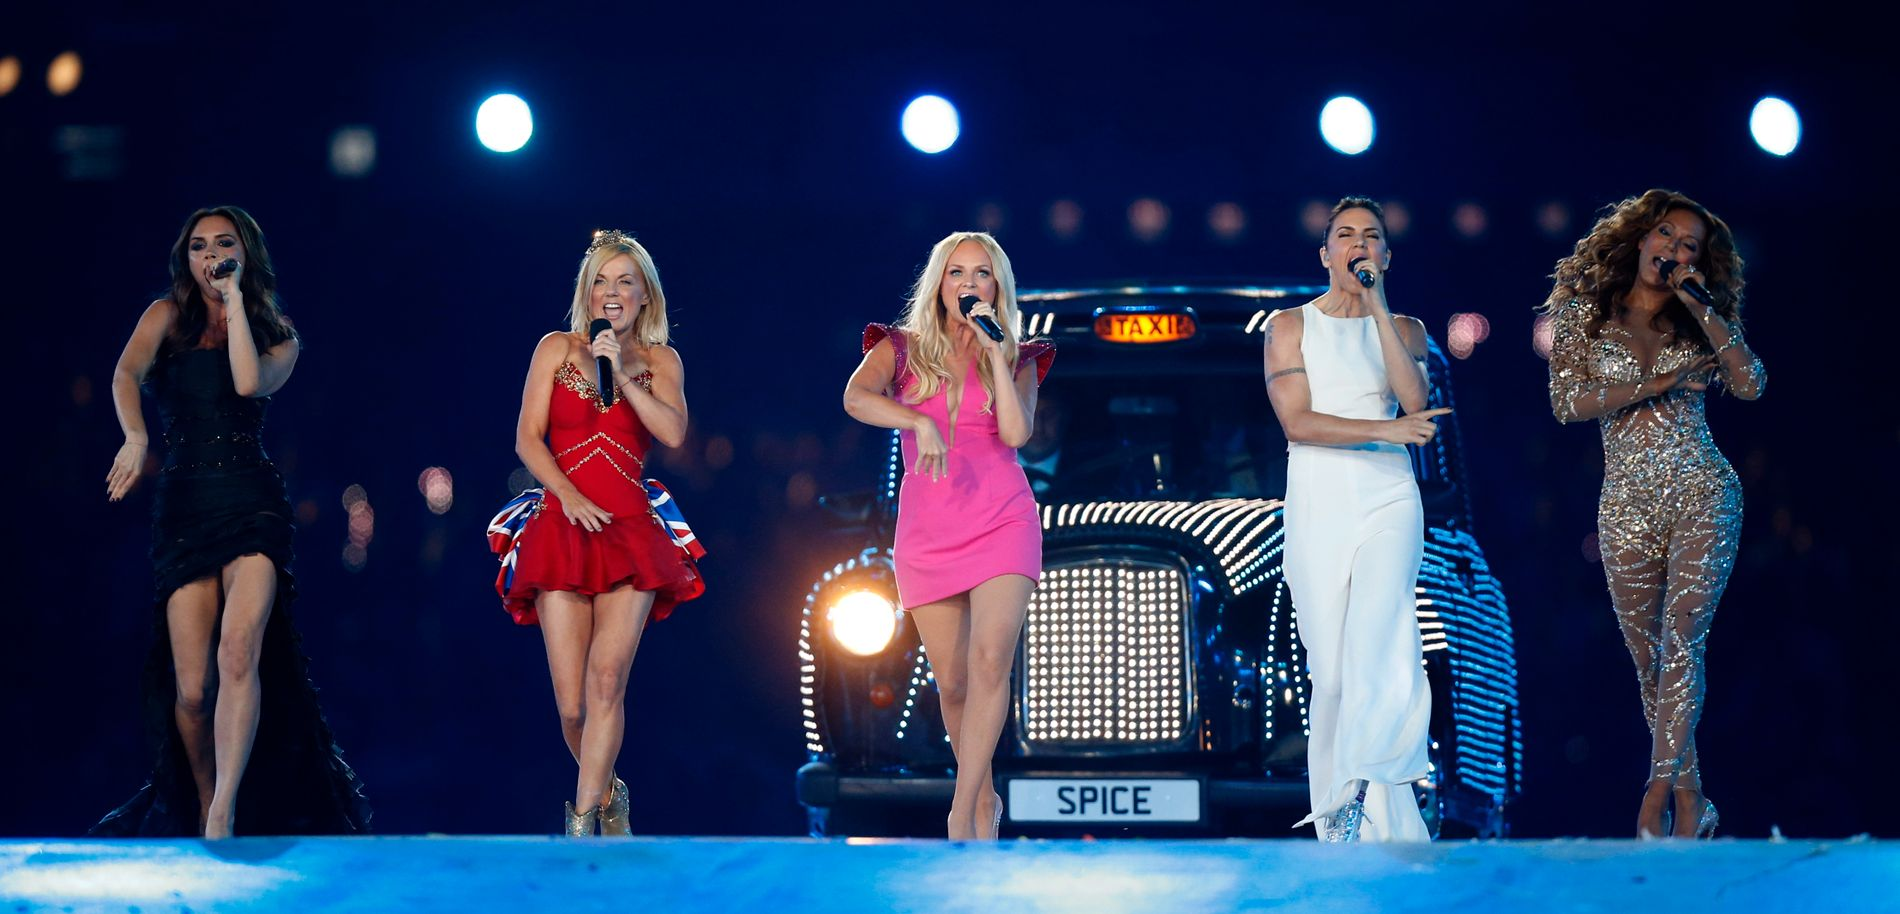 OPPTRER: Mel B forsnakket seg, og fortalte at hele Spice Girls er invitert i det kongelige bryllypet. Men om jentegruppa skal opptre, det vites ikke.